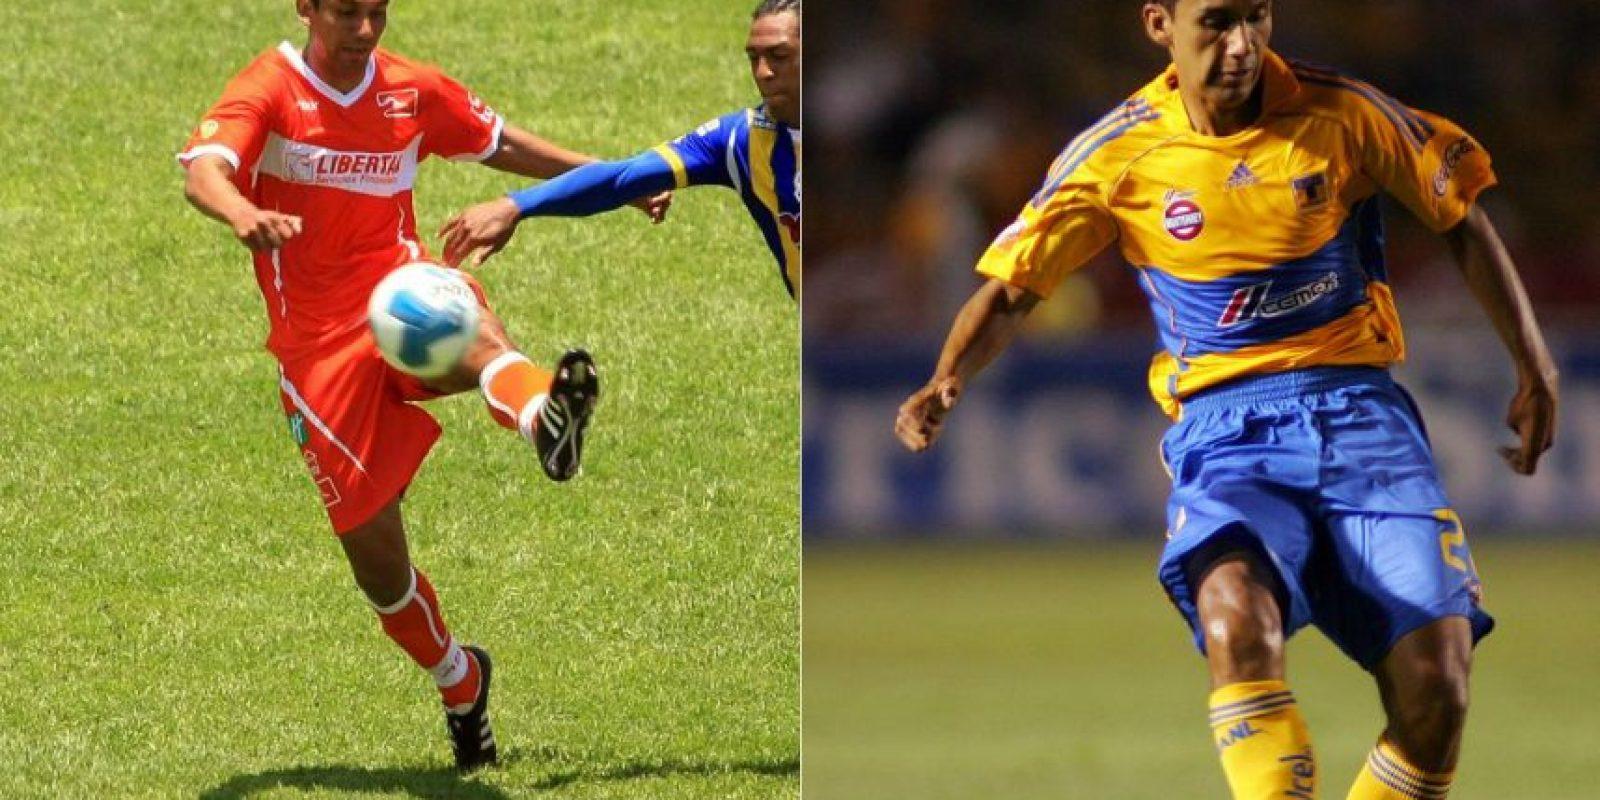 Hugo Sánchez ya lleva mucho tiempo en la división de ascenso, pero también tuvo su paso por la Primera y fue con Tigres donde se destacó más. Foto:Mexsport